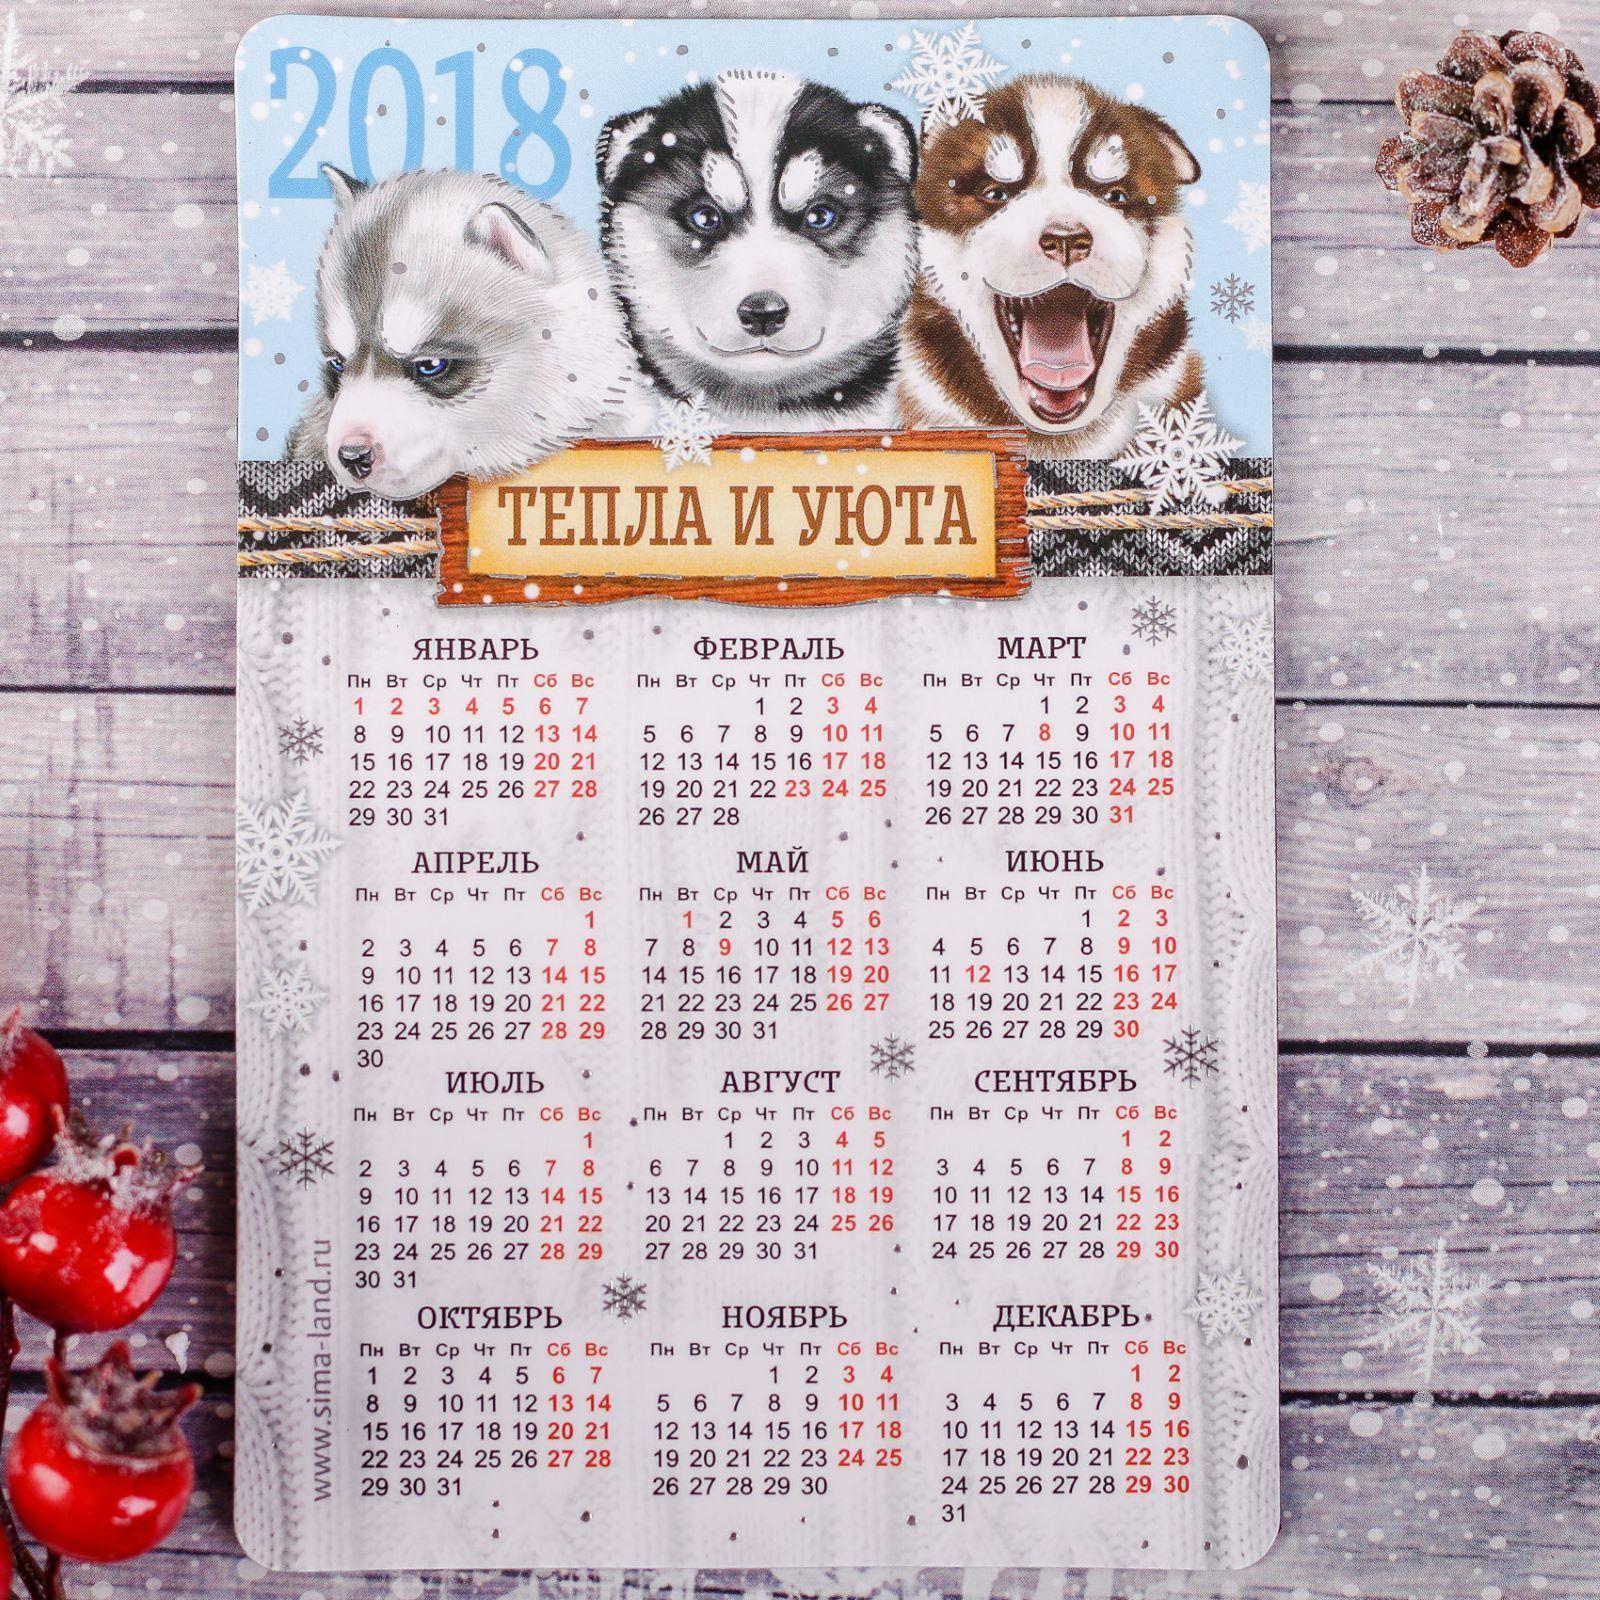 Магнит Sima-land Тепла и уюта, с календарем, 8 х 12 см1894071Порадуйте родных и близких оригинальным сувениром: преподнесите в подарок магнит. С ним даже самый серьёзный человек почувствует себя ребёнком, ожидающим чудо! Создайте праздничное настроение, и оно останется с вами на весь год.